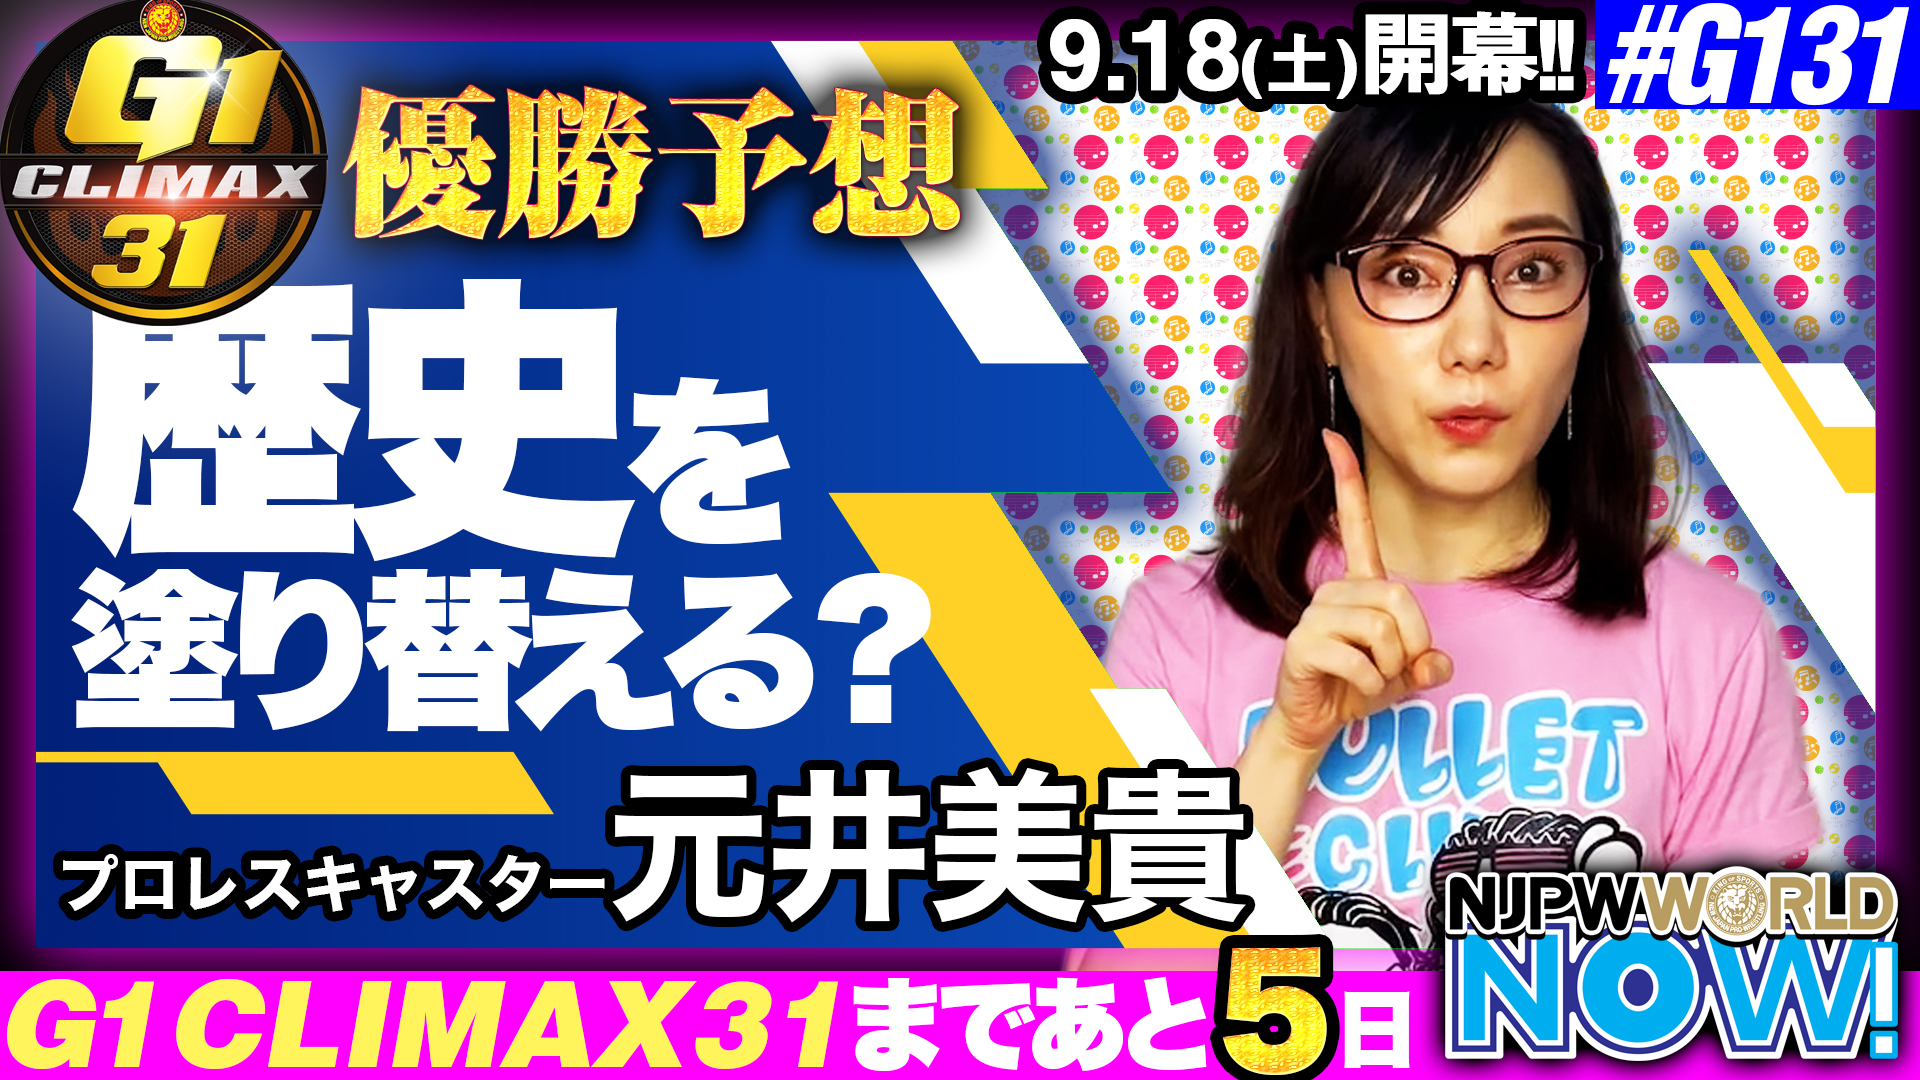 【あと5日】今年のG1は歴史を塗り替える!?元井さんが注目試合&優勝を大予想!